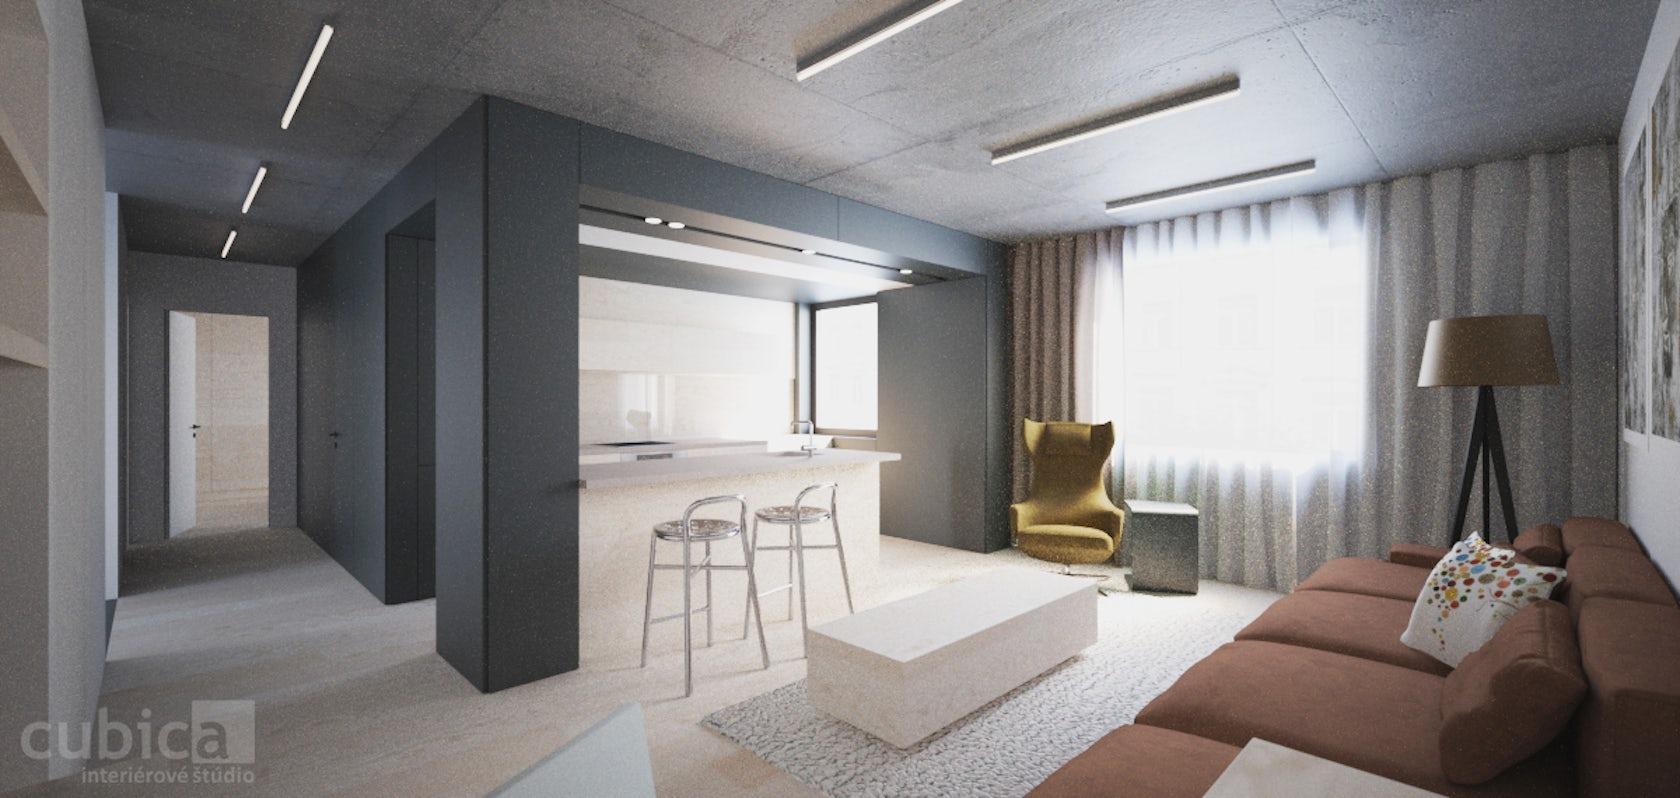 Apartment interior design in vienna architizer for Interior design wien